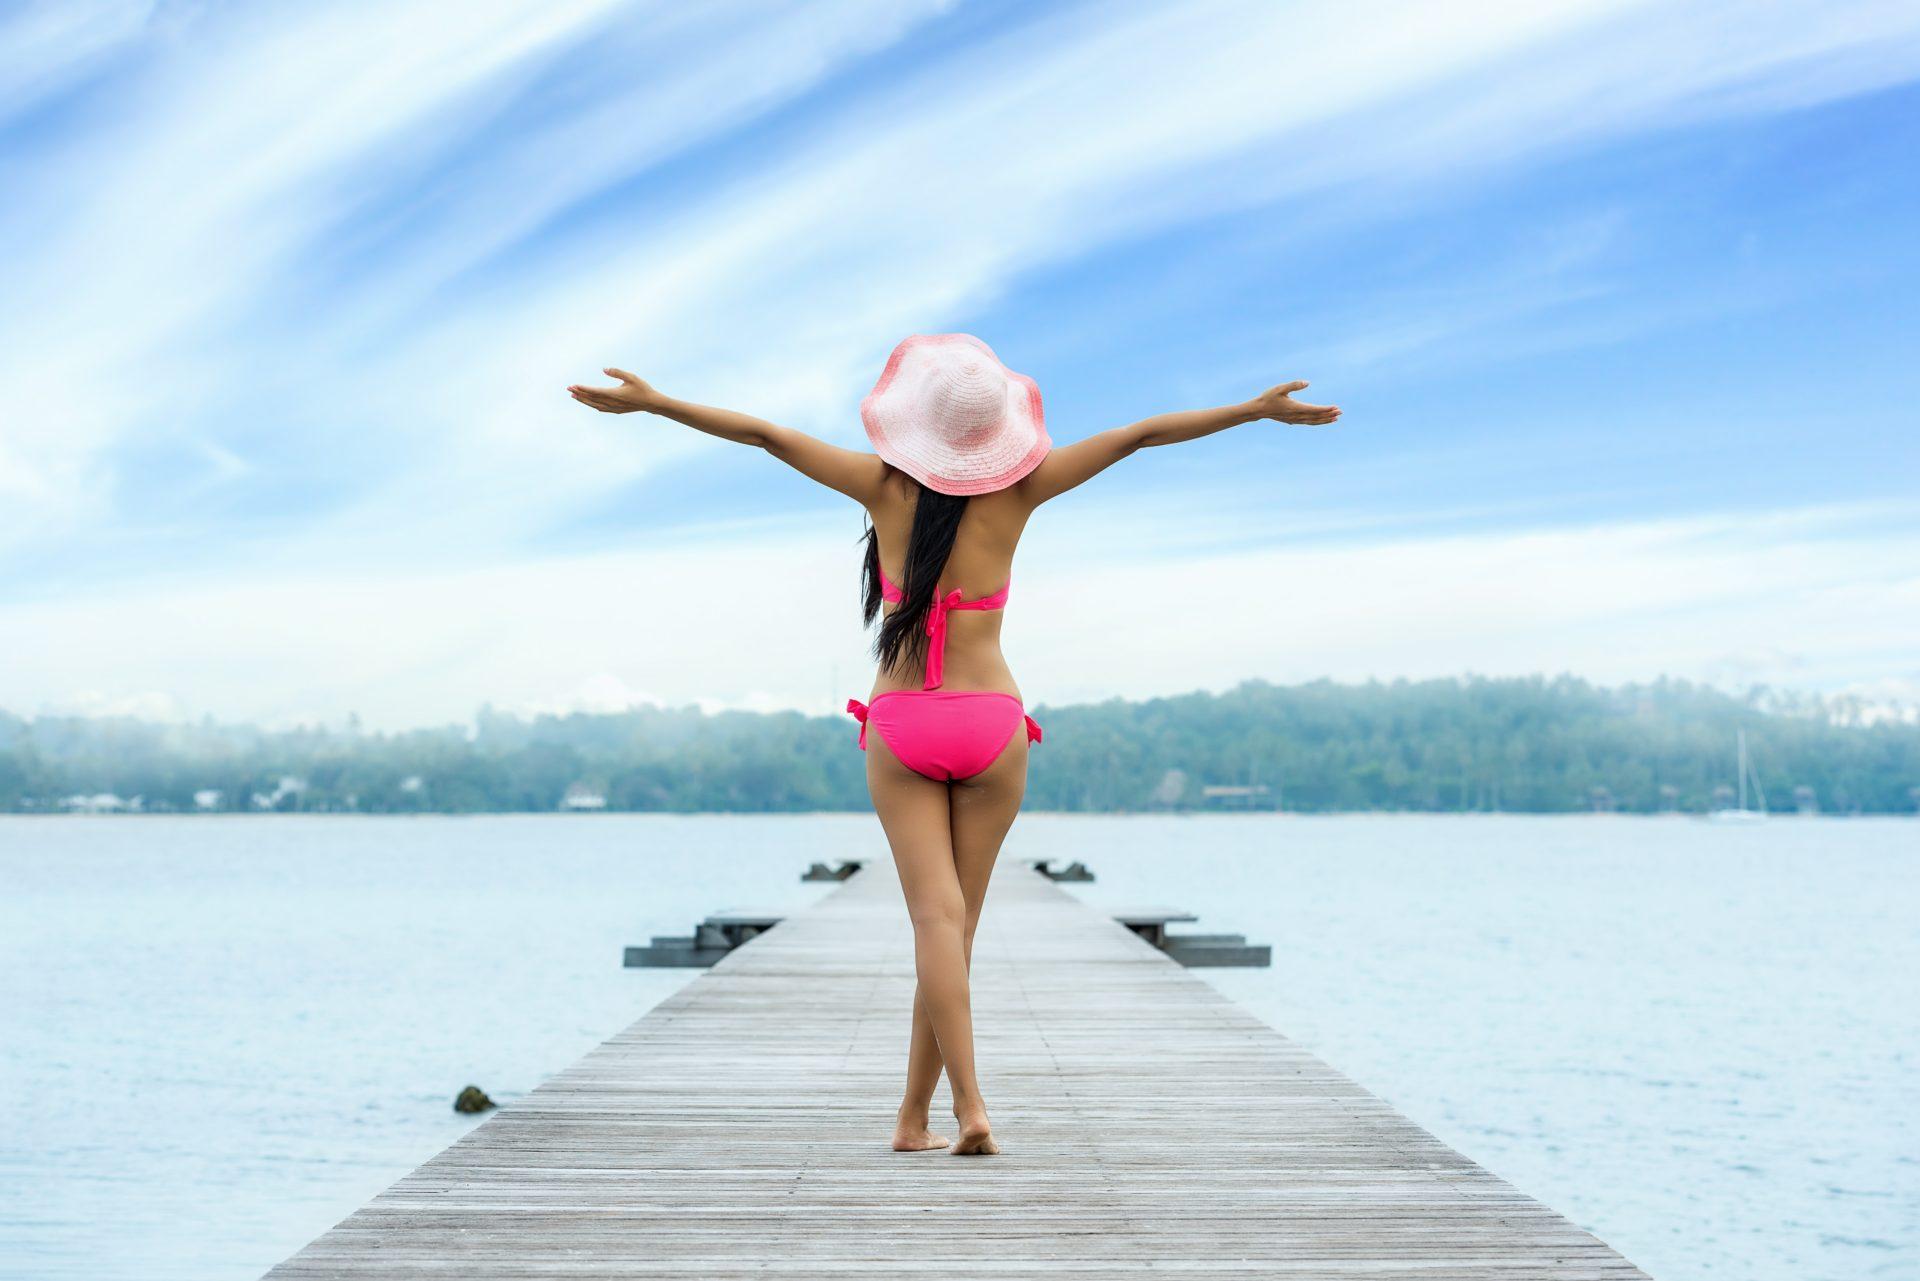 7 stvari koje svaka žena treba da proba pre nego što se uda